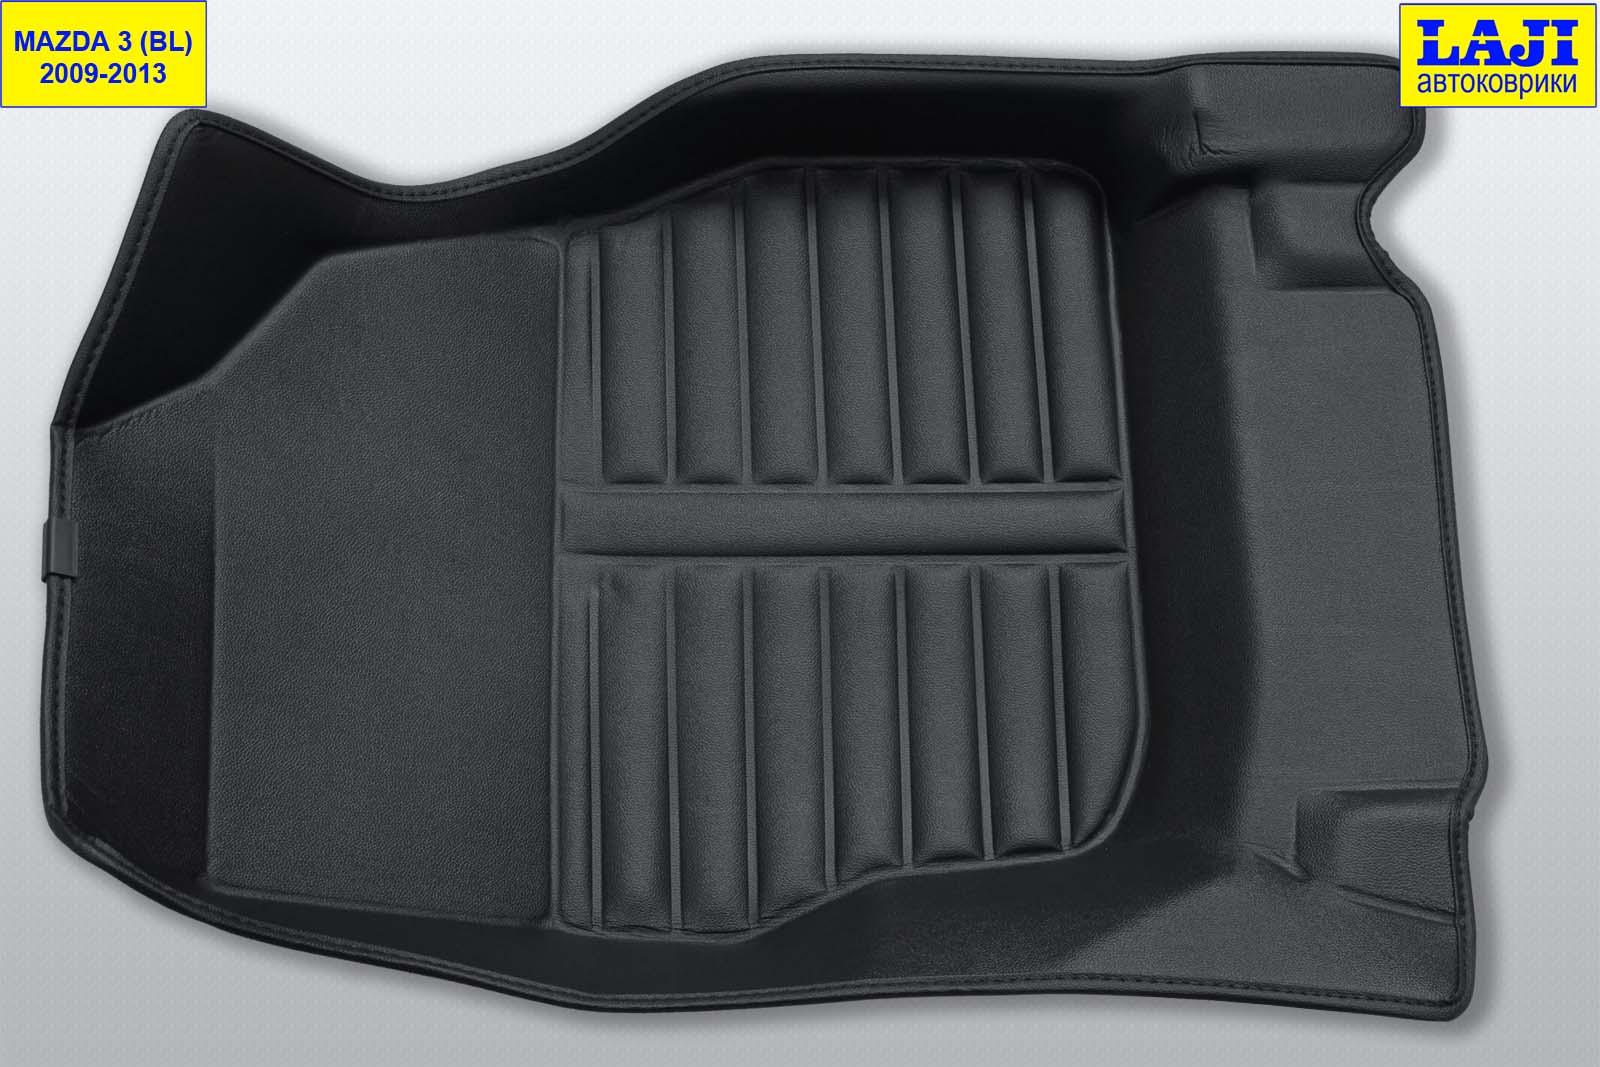 5D коврики в салон Mazda 3 BL 2009-2013 5